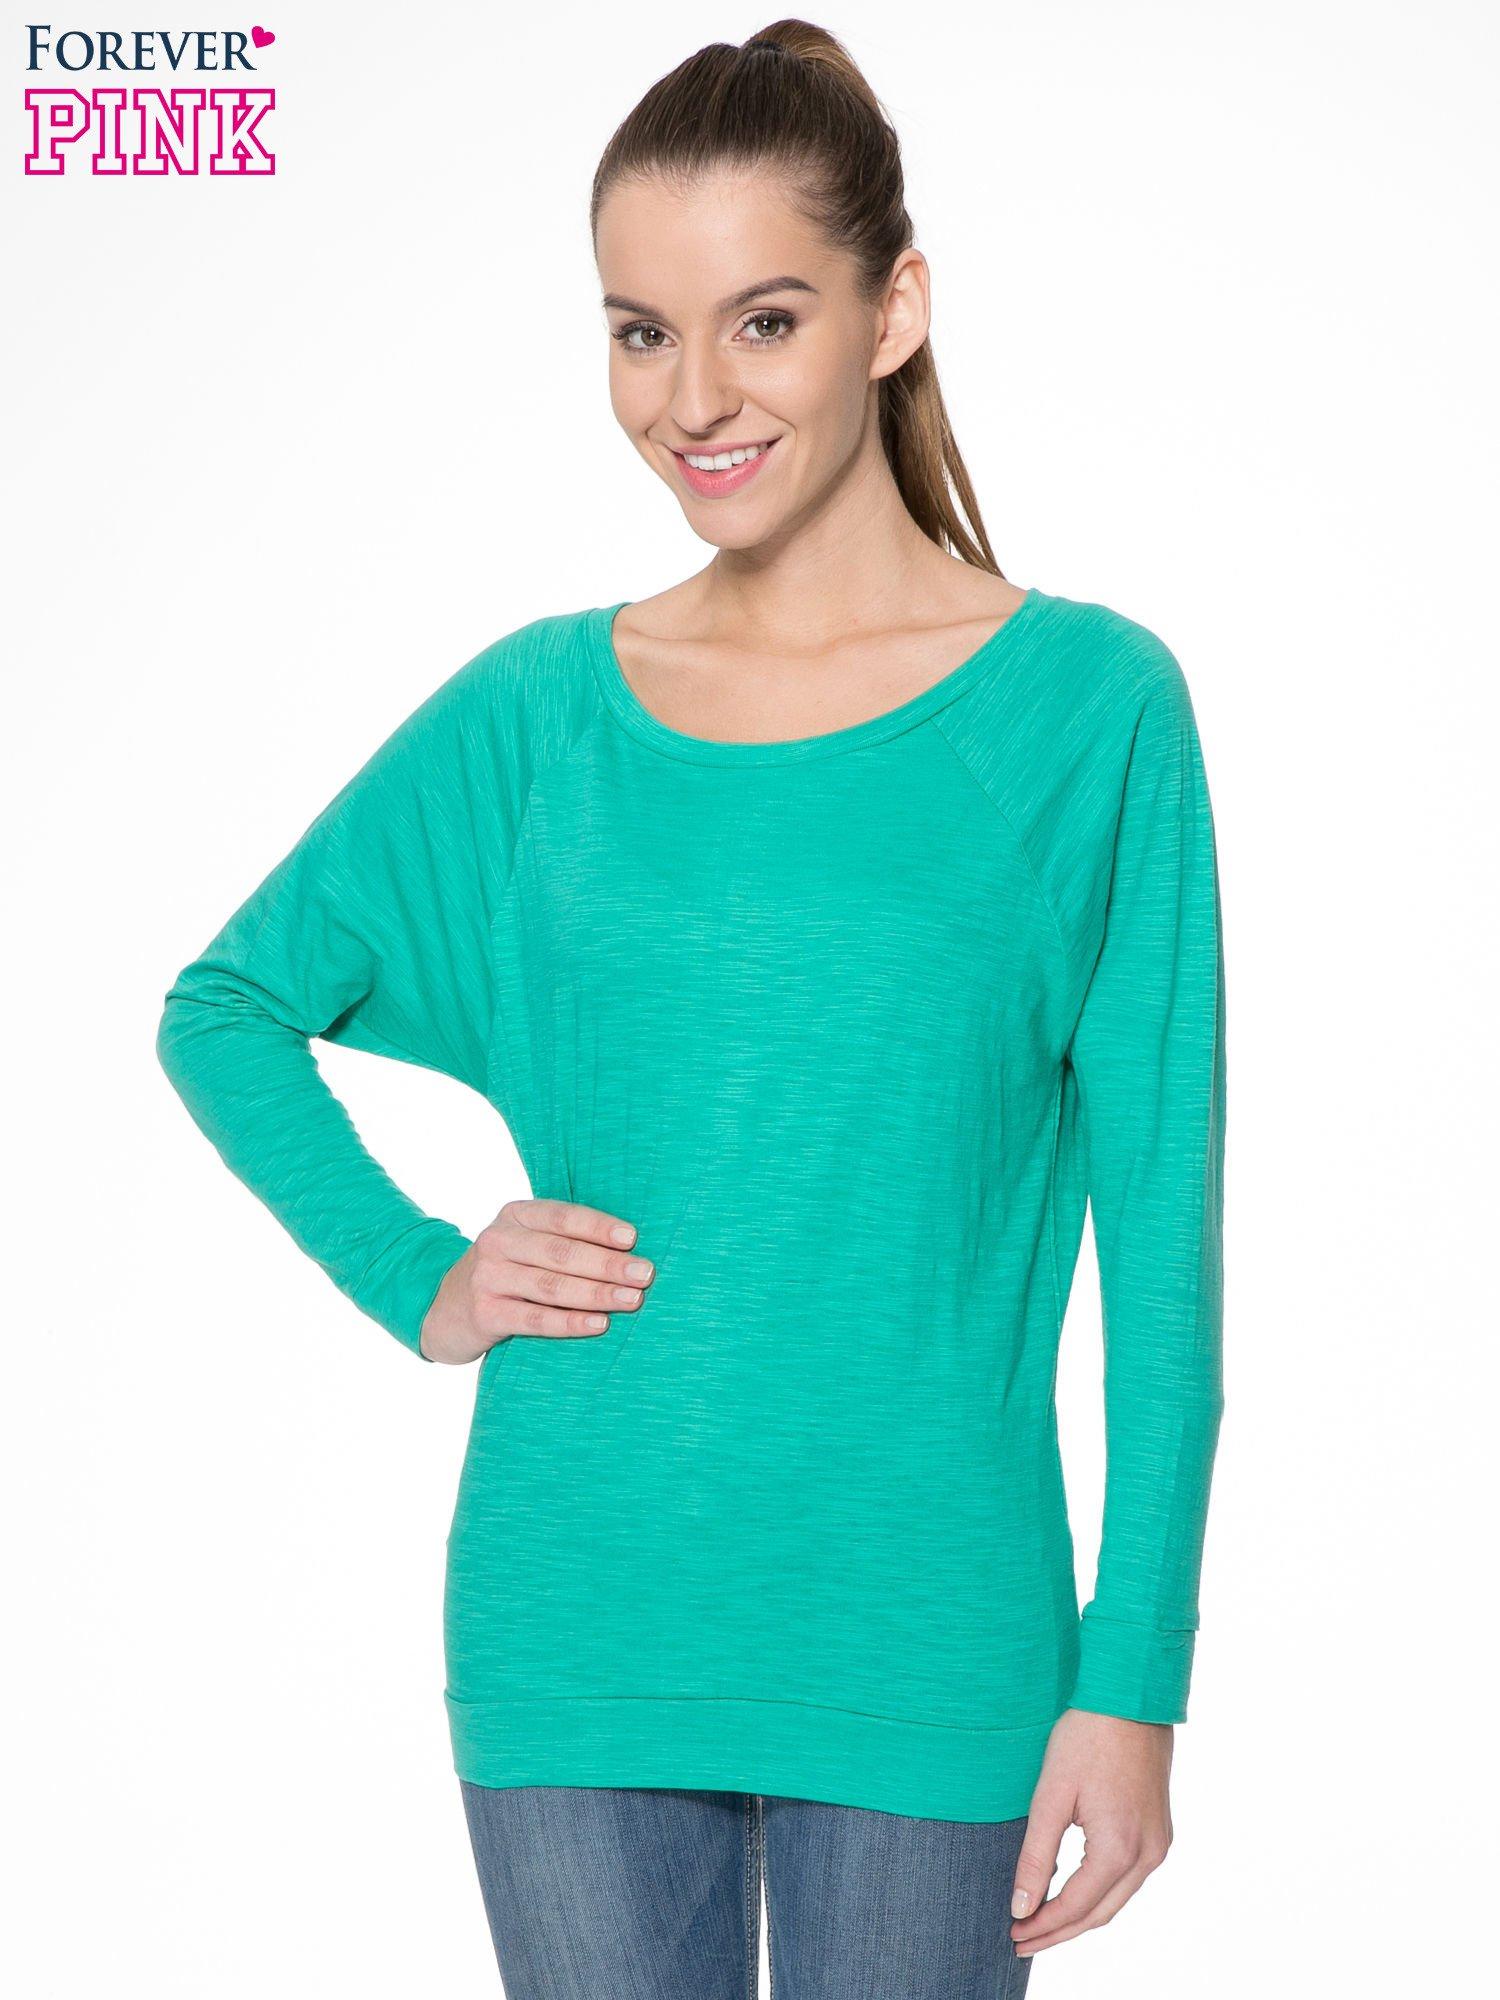 Zielona bawełniana bluzka z rękawami typu reglan                                  zdj.                                  1